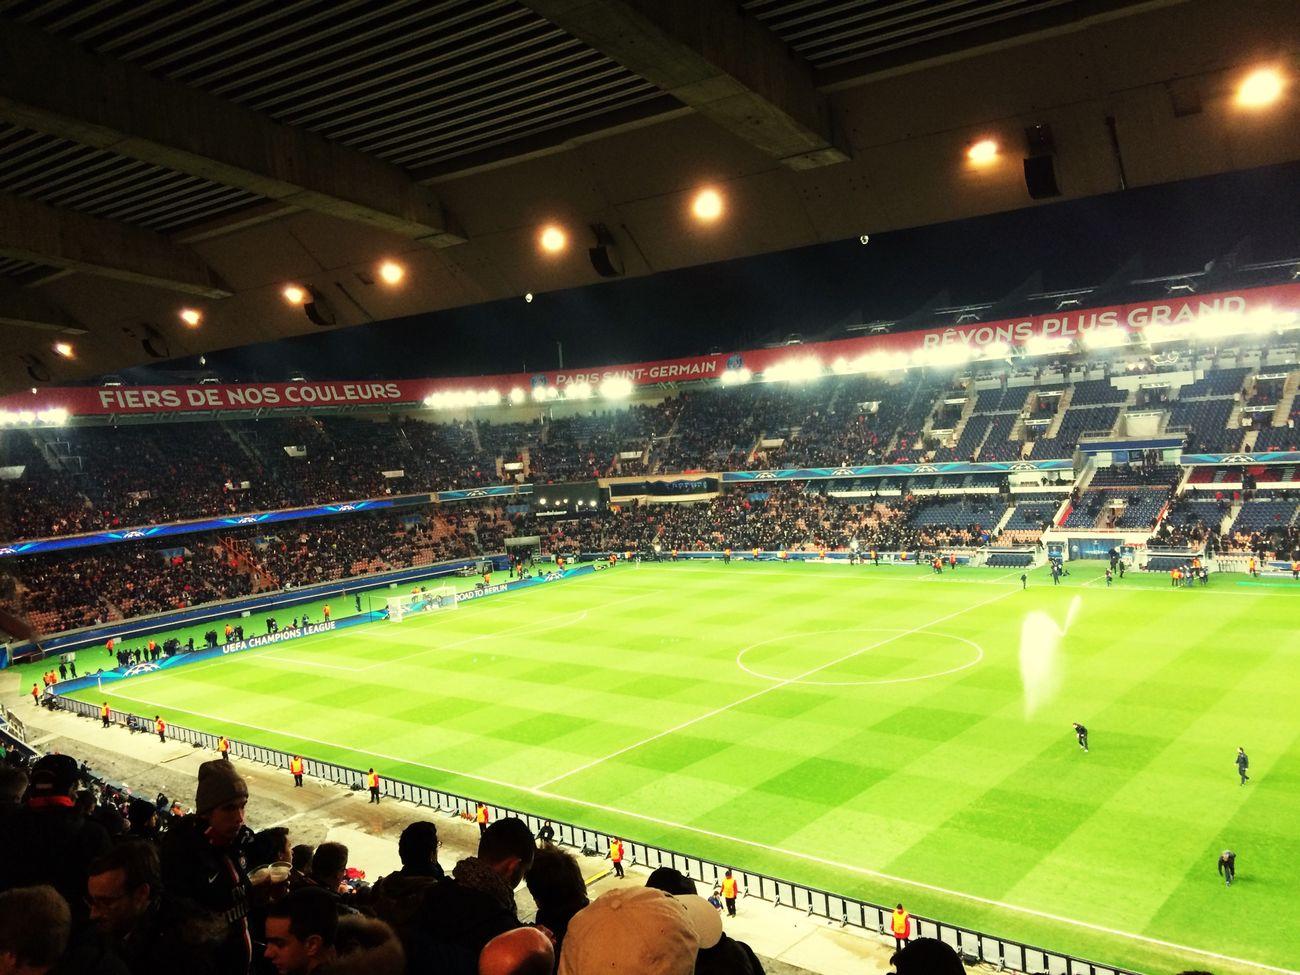 Fiers de nos couleurs ! Paris PSG  Paris Saint Germain